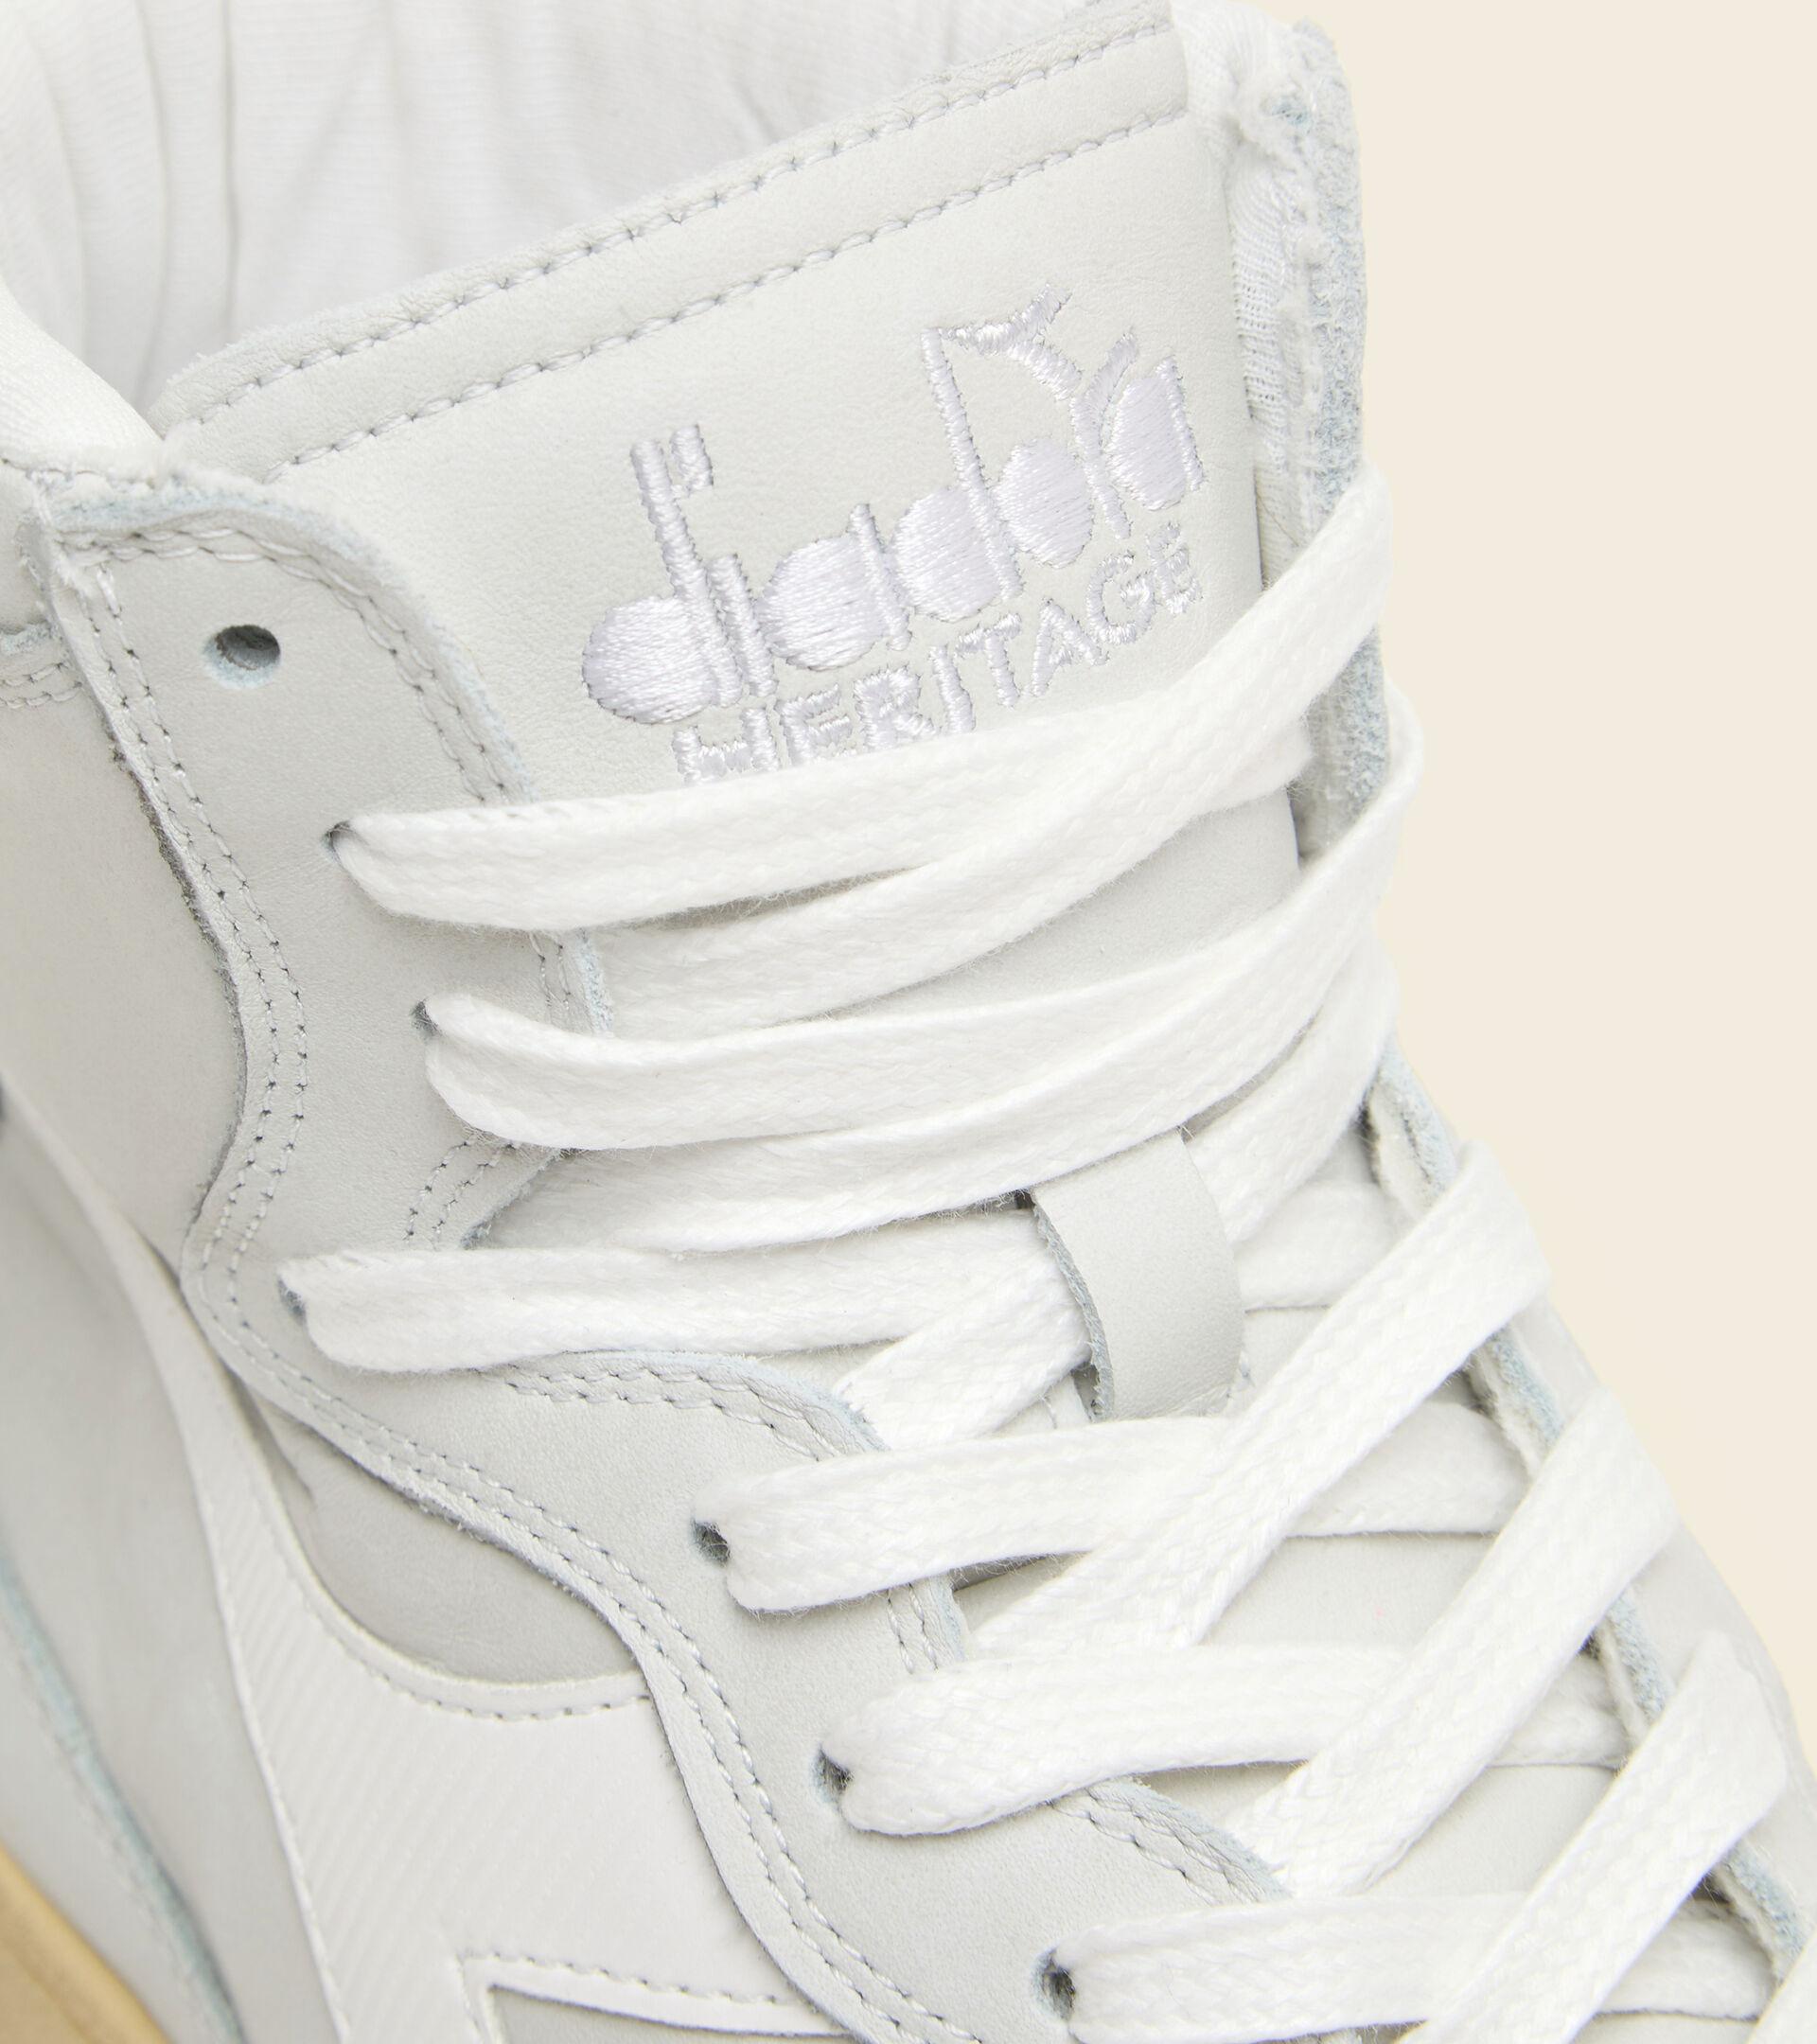 Heritage Trainer - Unisex MI BASKET USED WHITE /WHITE - Diadora